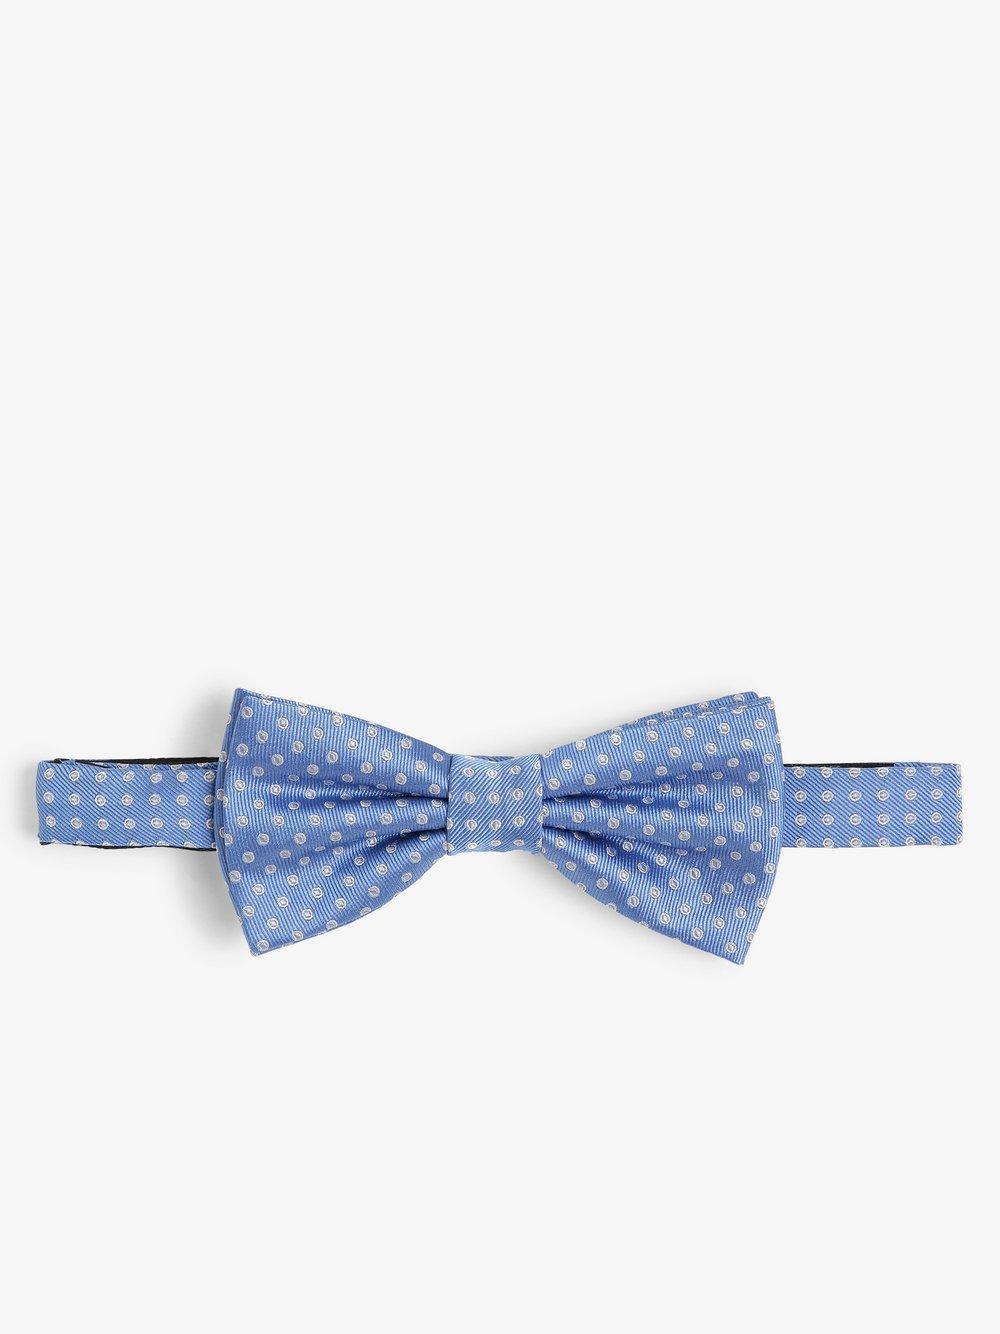 Finshley & Harding London – Muszka męska z jedwabiu, niebieski Van Graaf 469703-0001-00000